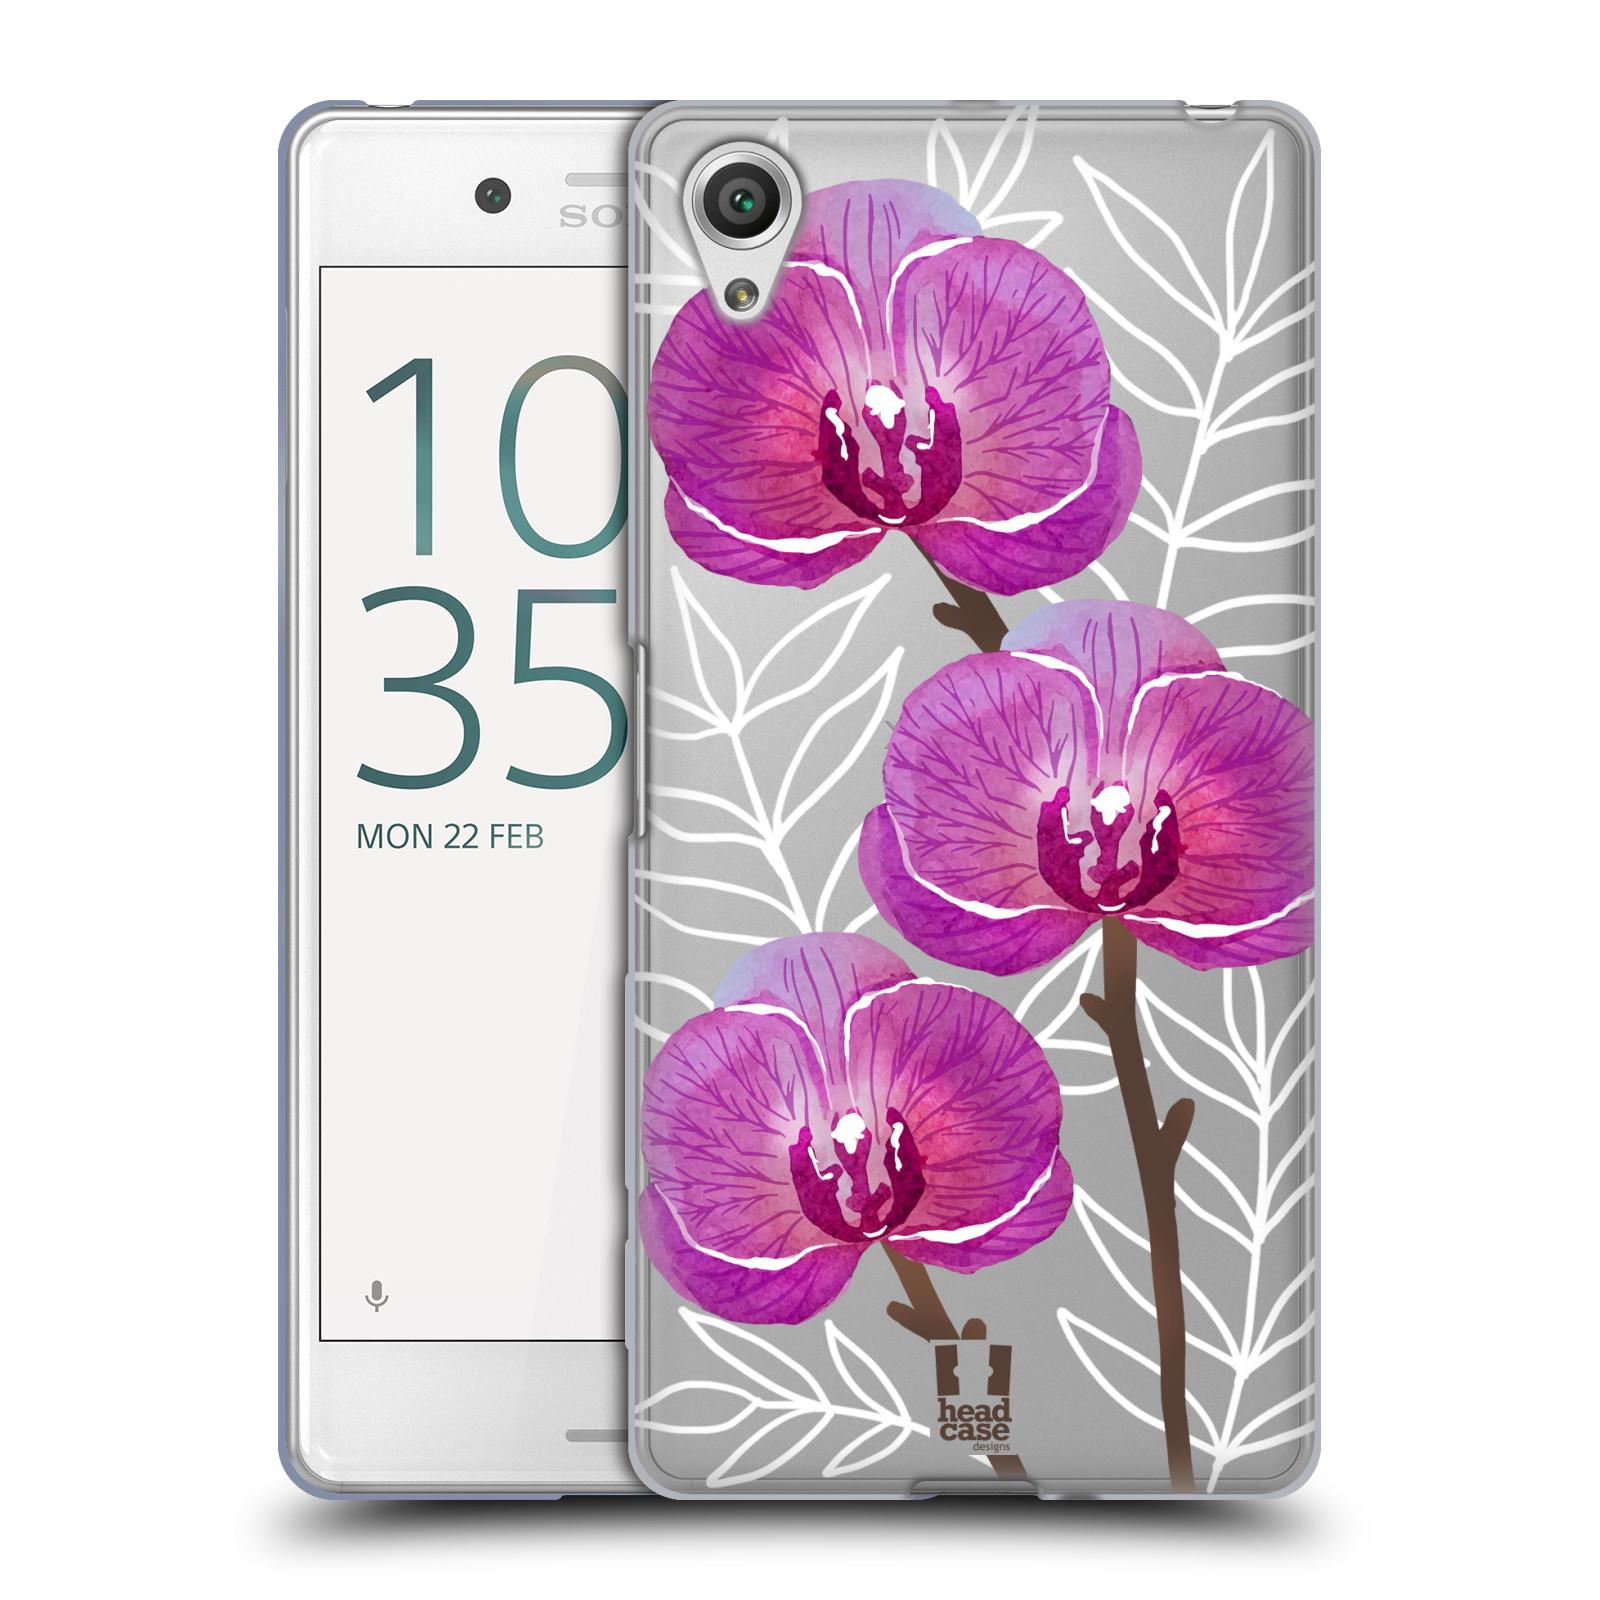 Silikonové pouzdro na mobil Sony Xperia X Performance - Head Case - Hezoučké kvítky - průhledné